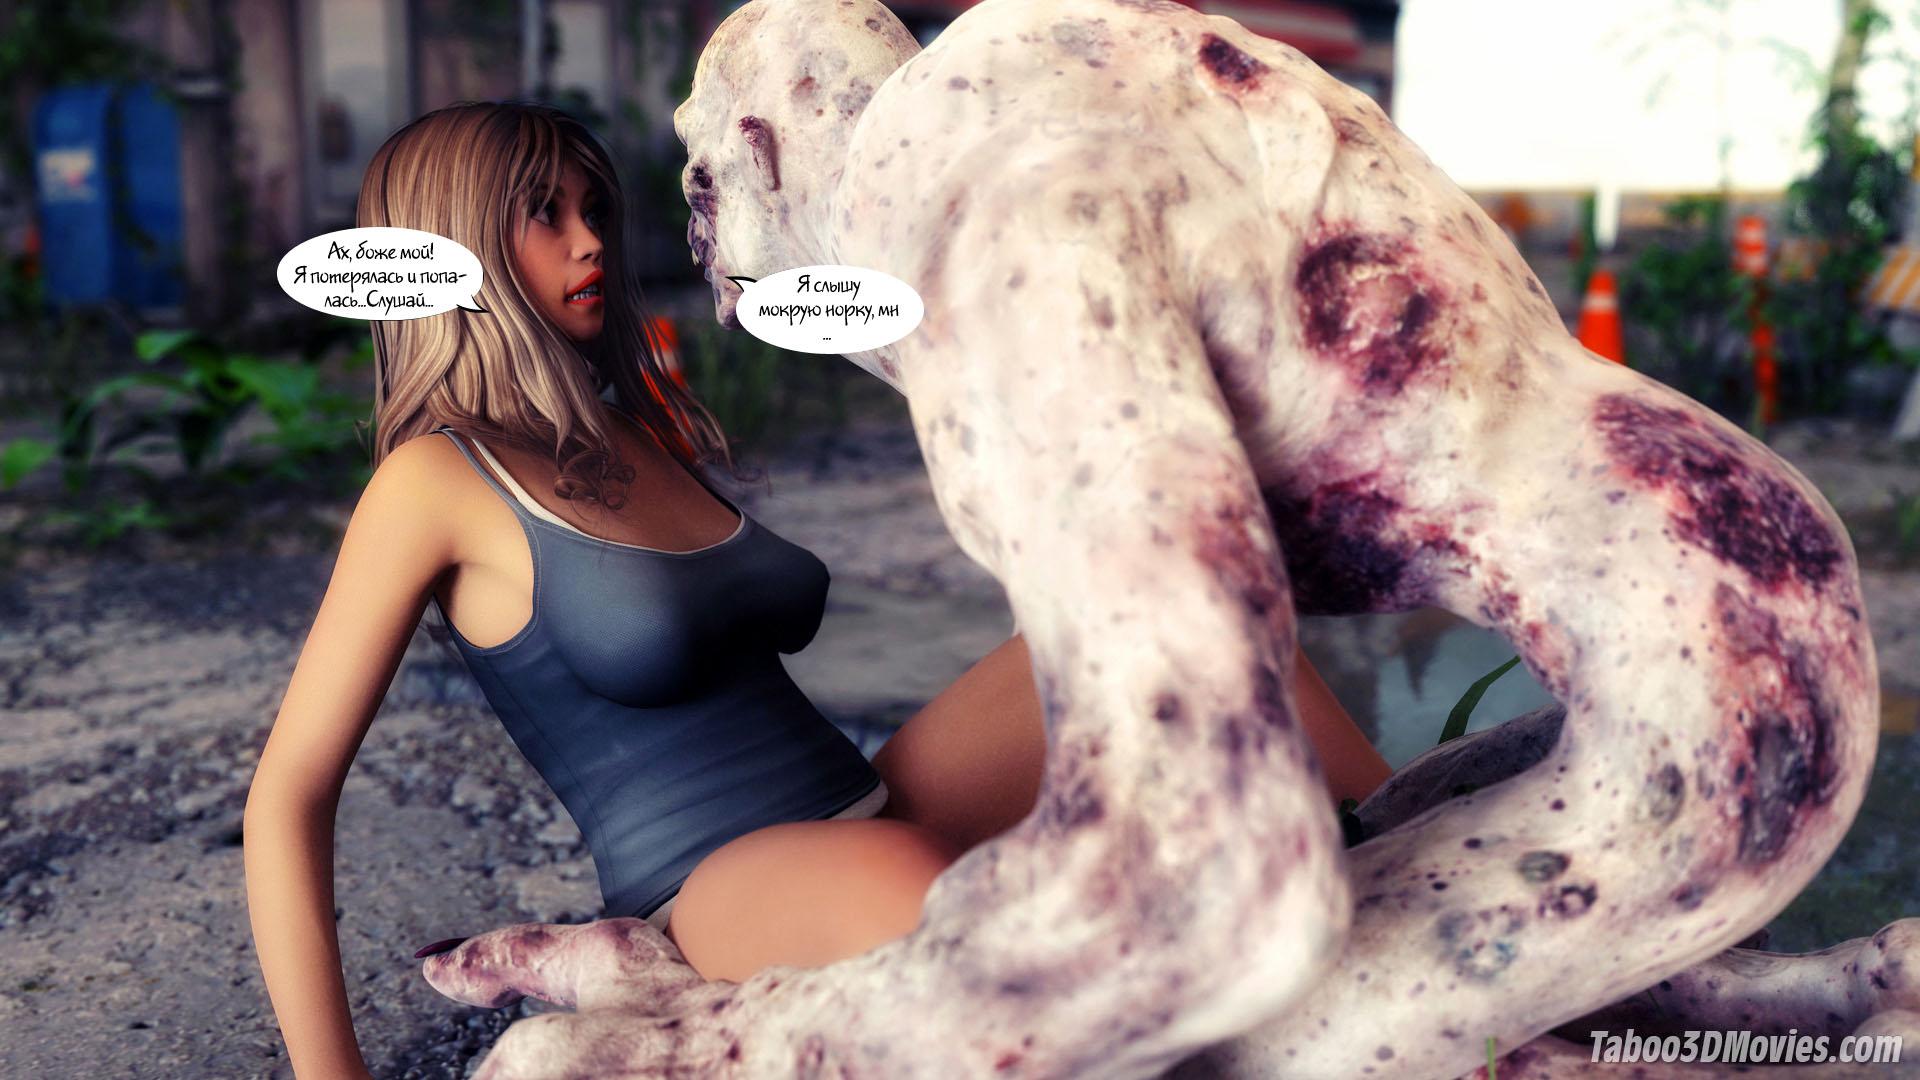 Hentai l4d zoey lesbian sex images